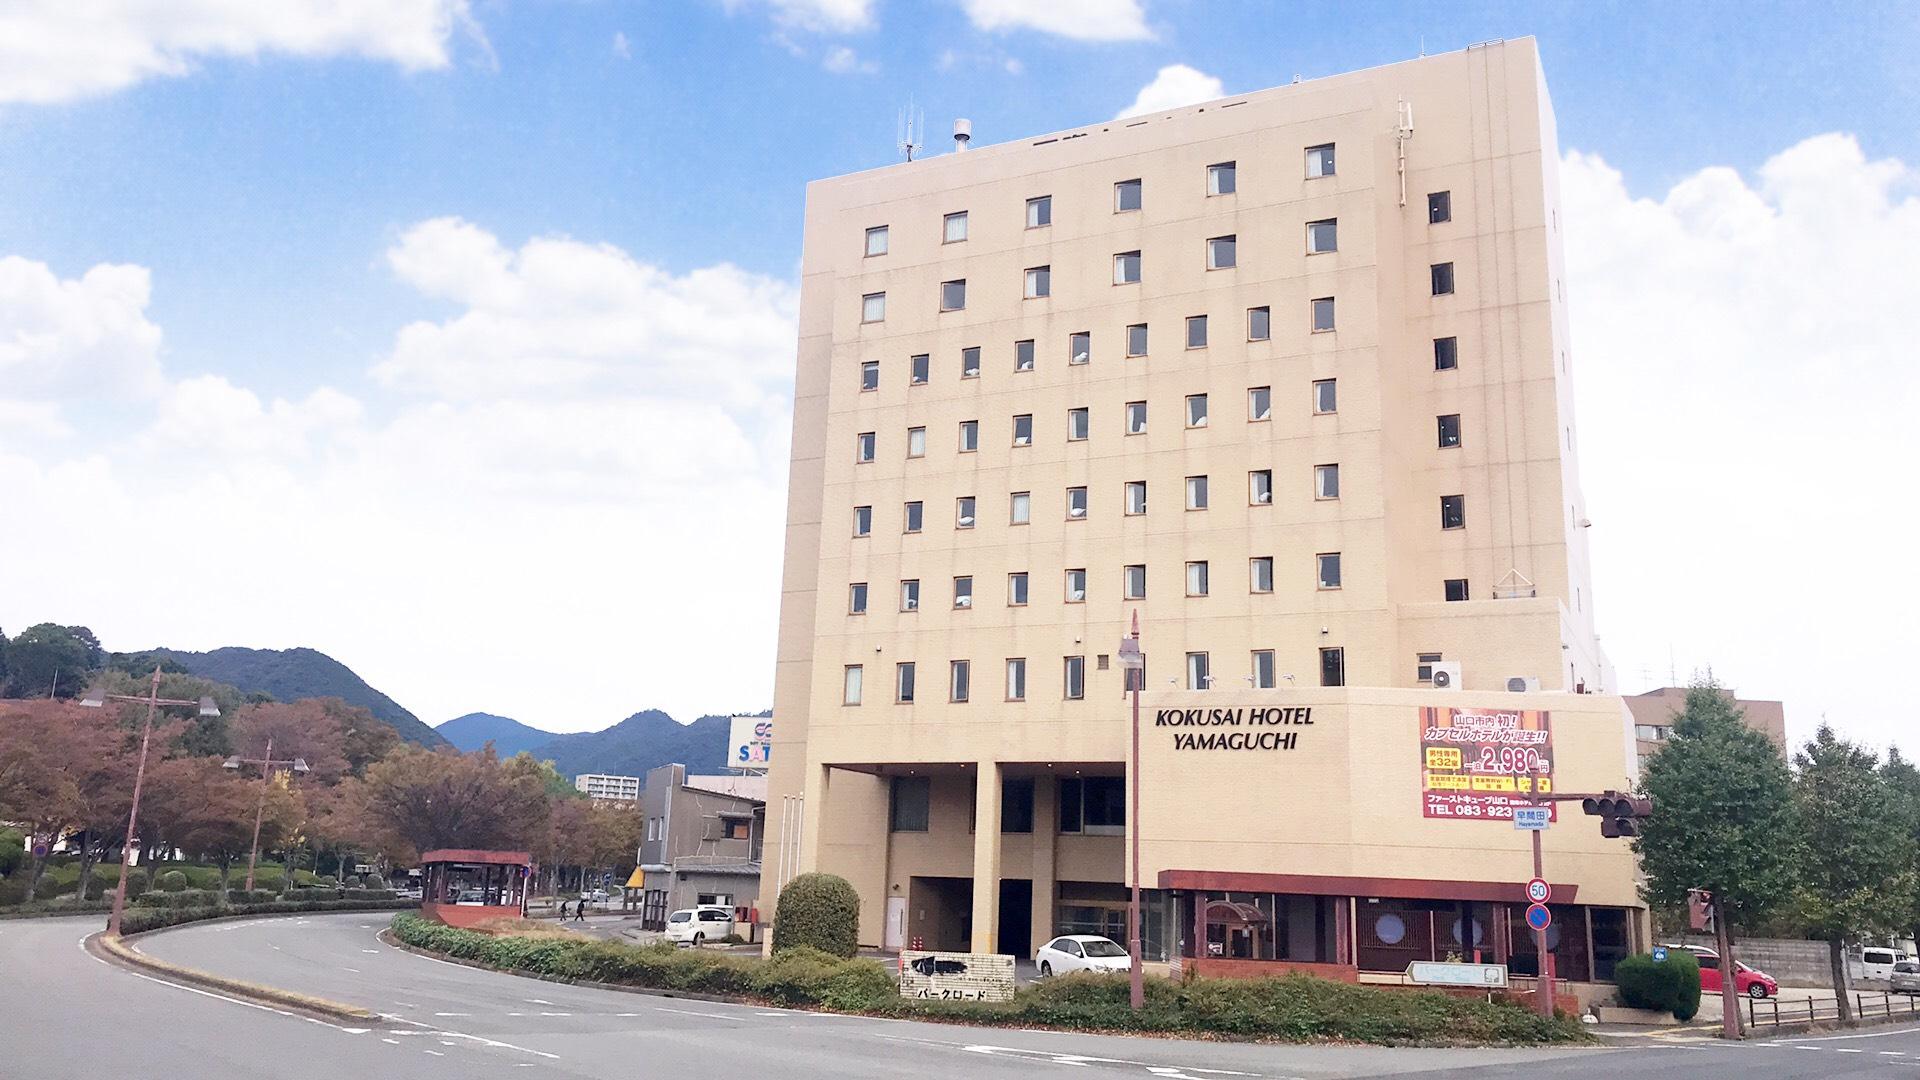 サンルート 国際ホテル 山口◆楽天トラベル